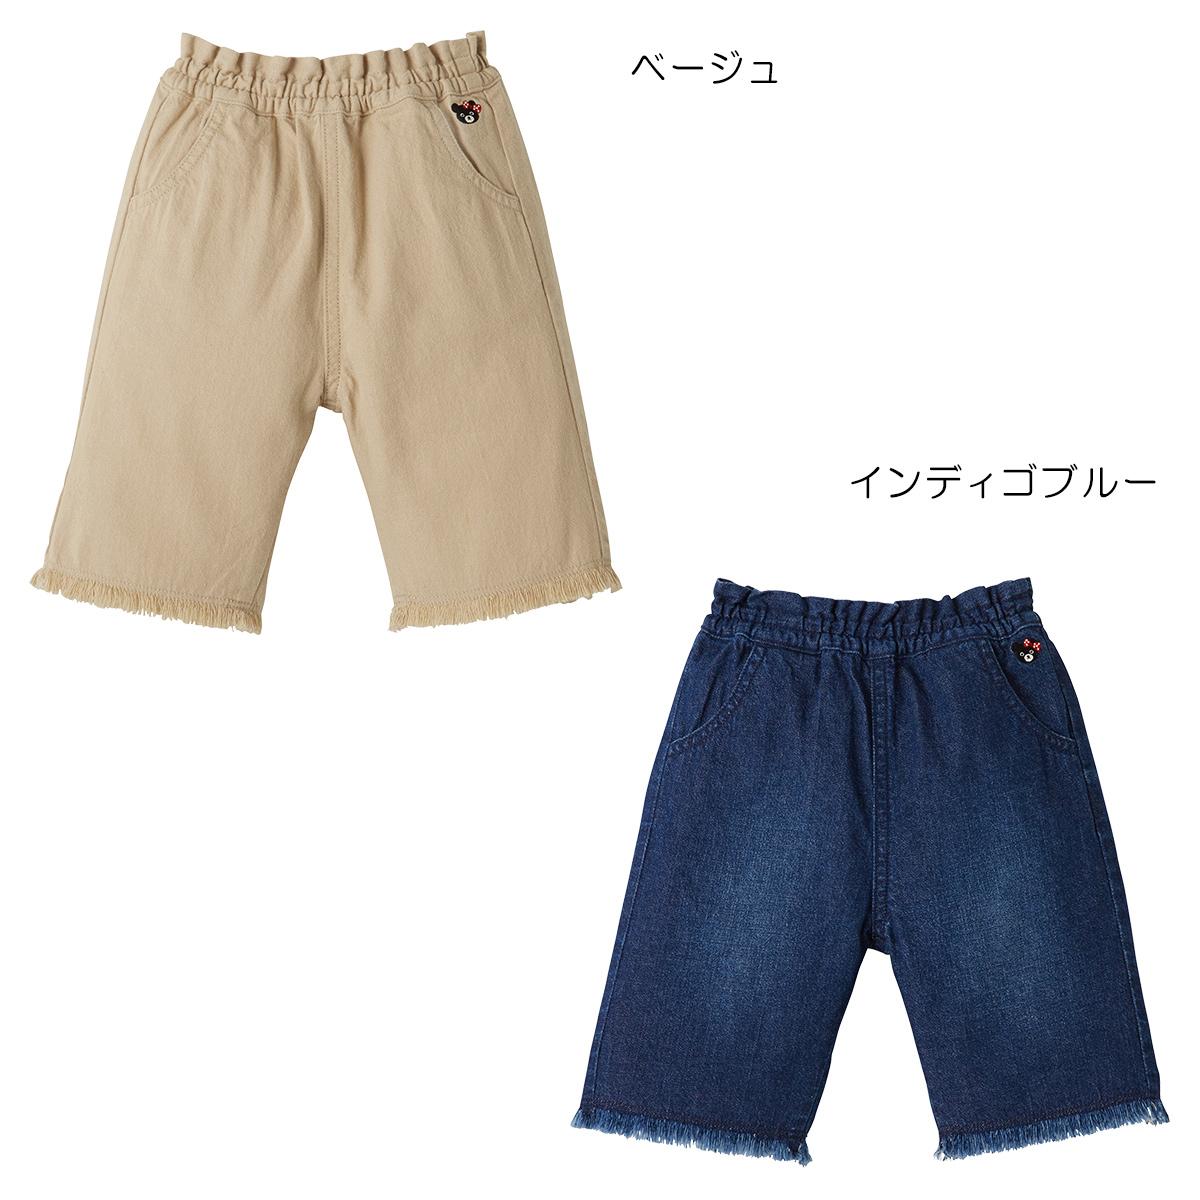 ミキハウス ダブルビー mikihouse フリンジ8分丈パンツ(110cm・120cm・130cm・140cm)